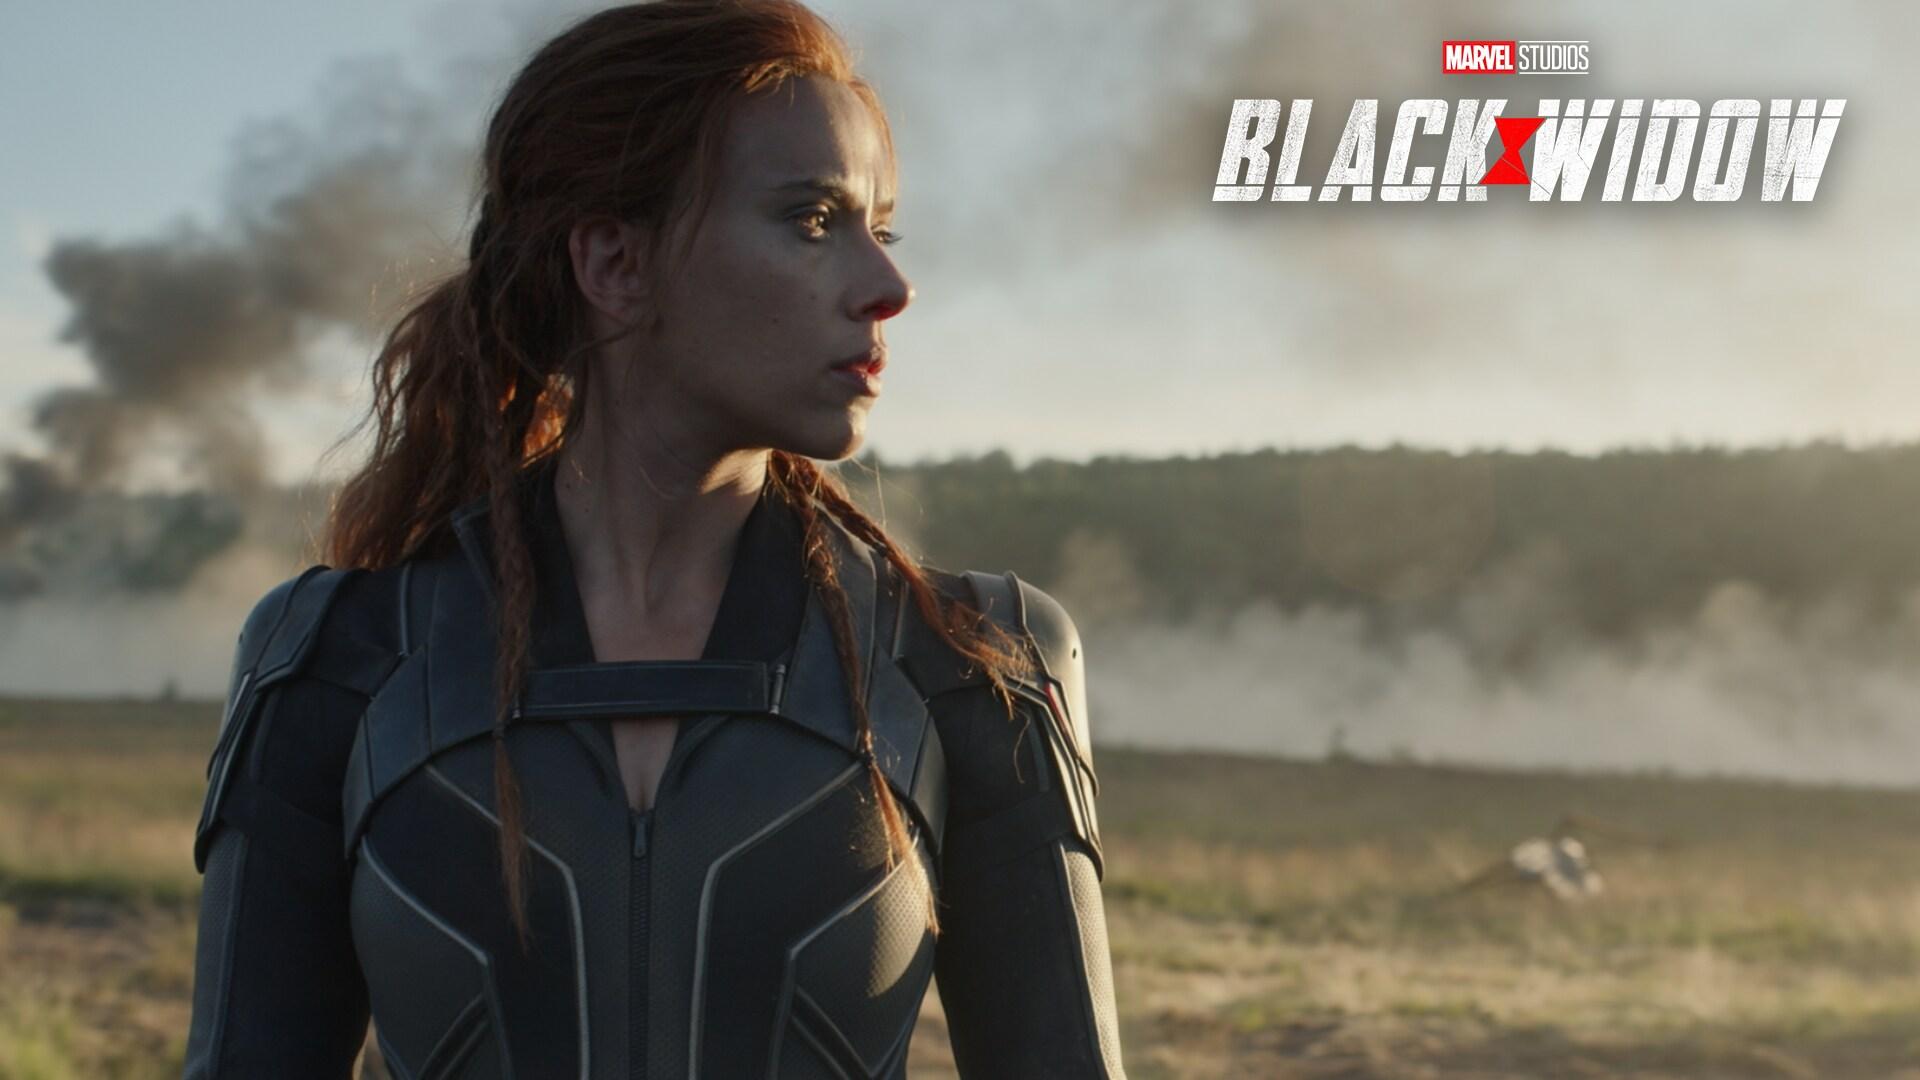 Let's Go | Marvel Studios' Black Widow